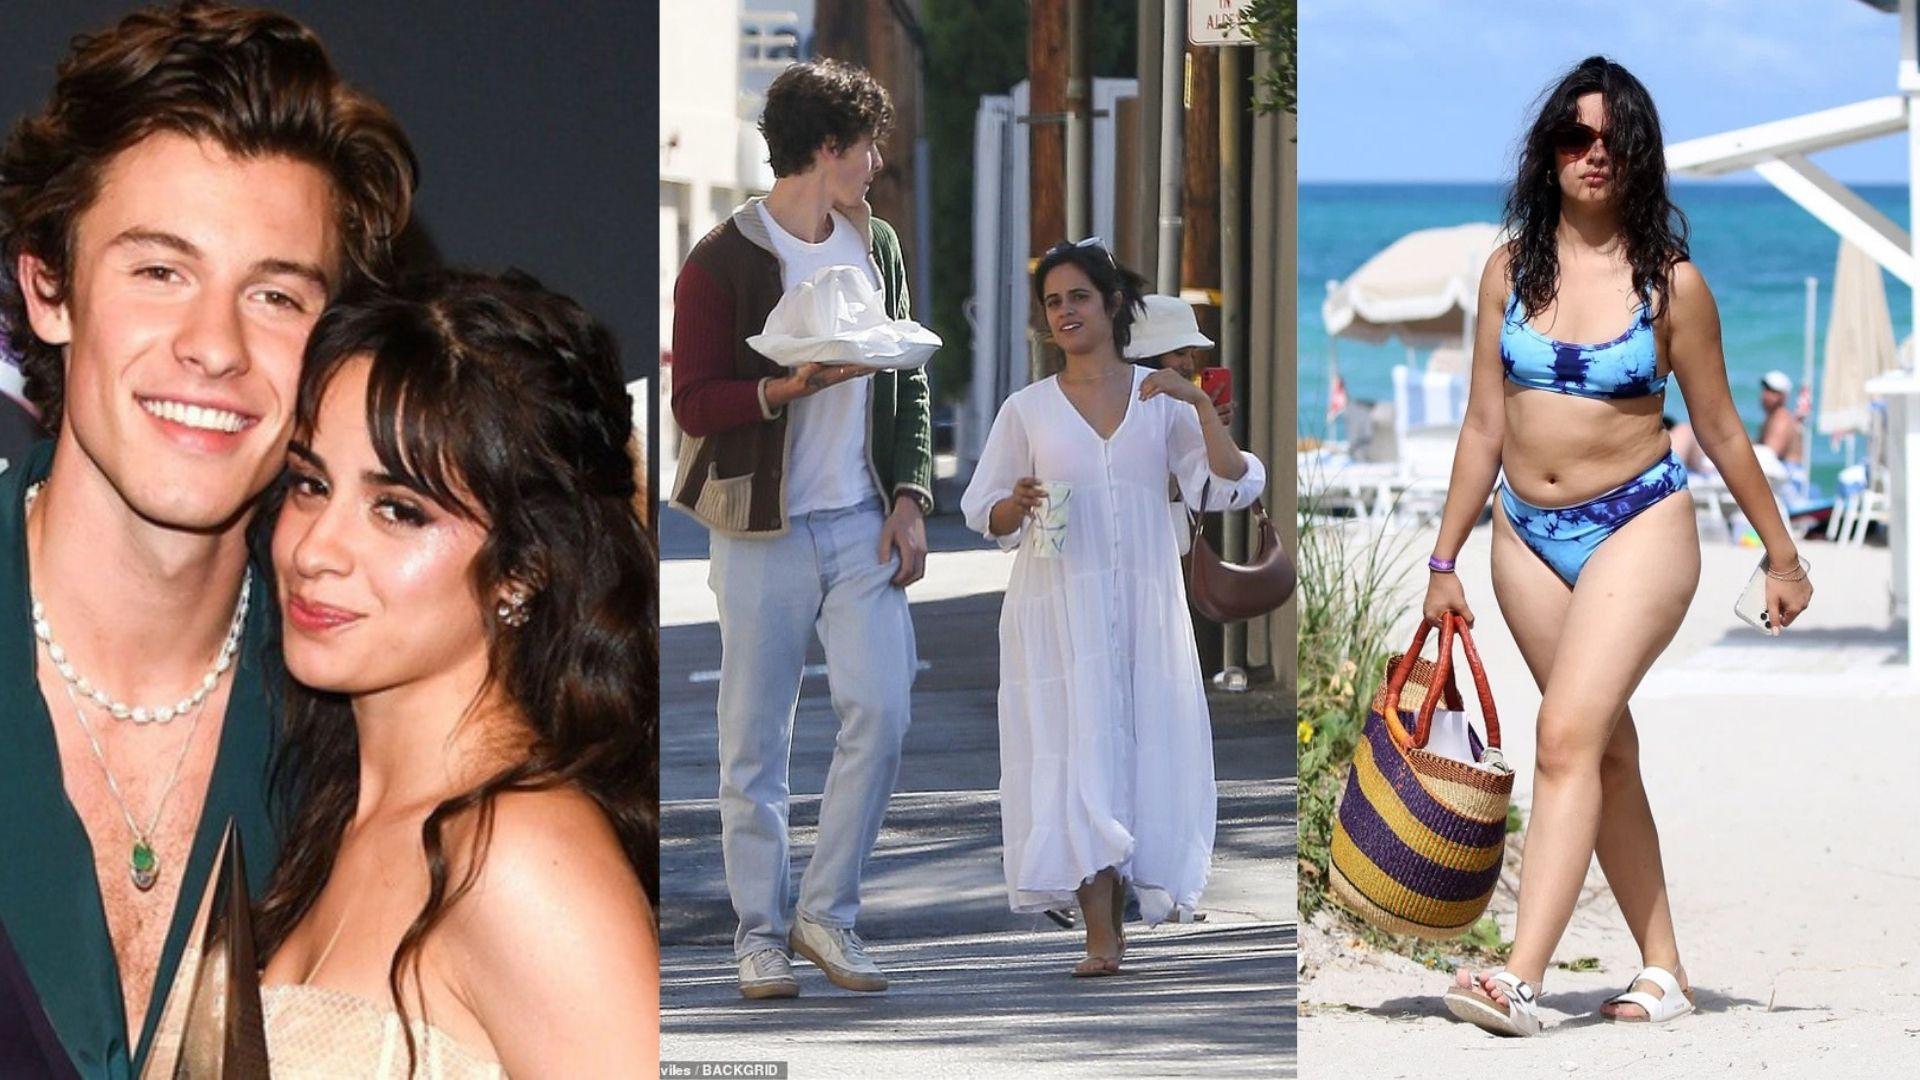 Sắc thái mới nhất của cặp đôi Shawn Mendes và Camila Cabello: Chàng lên sắc, nàng xuống sắc không phanh